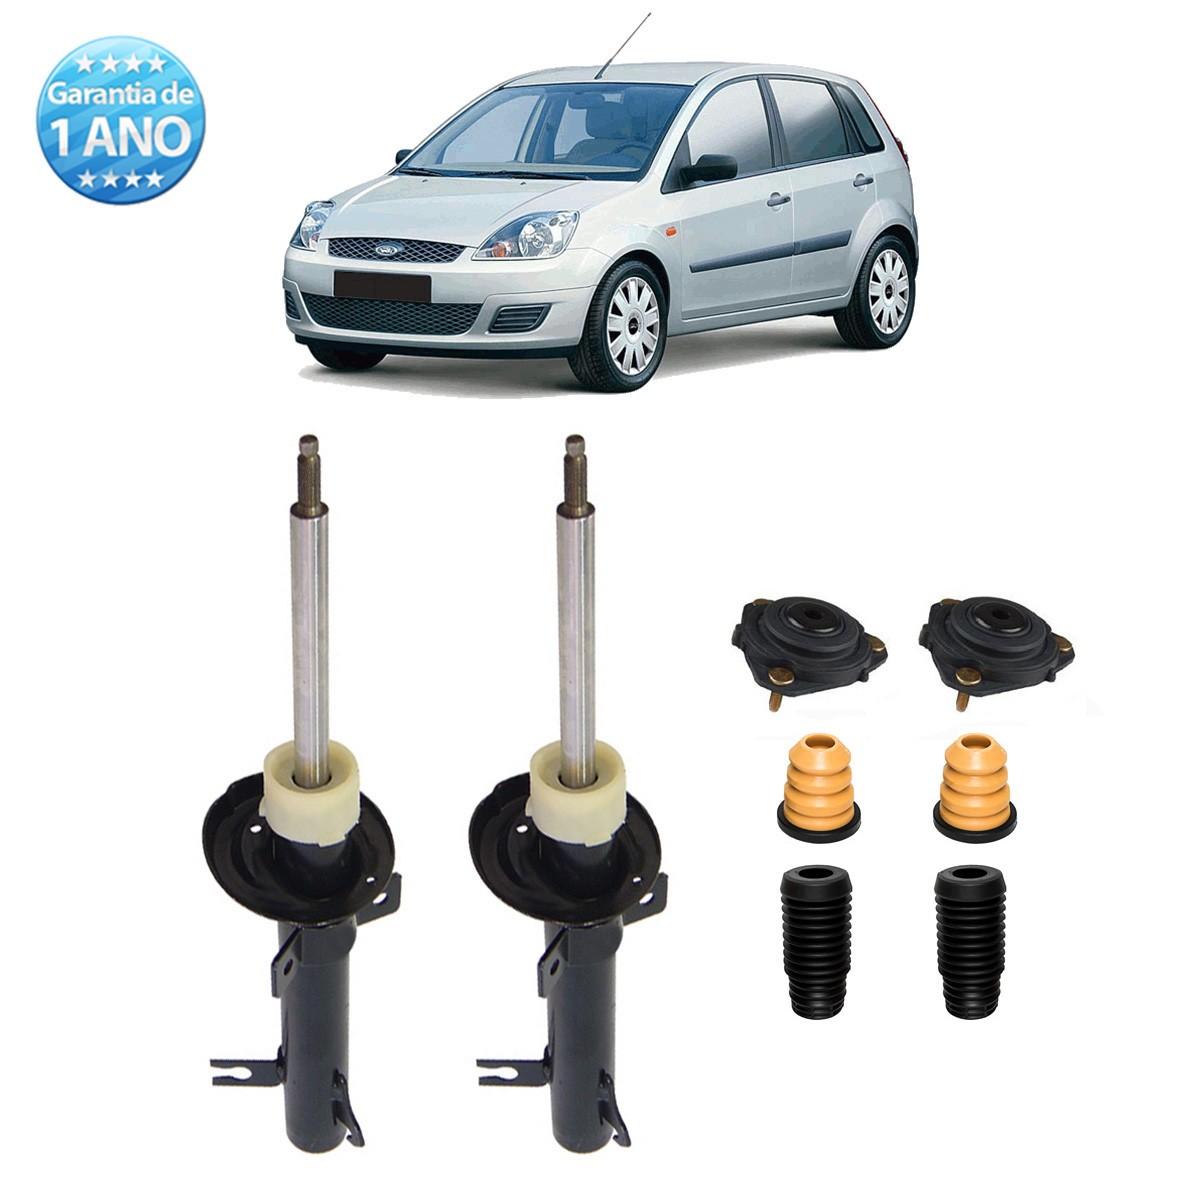 Par de Amortecedores Dianteiro Remanufaturados Ford Fiesta Hatch e Sedan 2003 Até 2013 + Kit da Suspensão